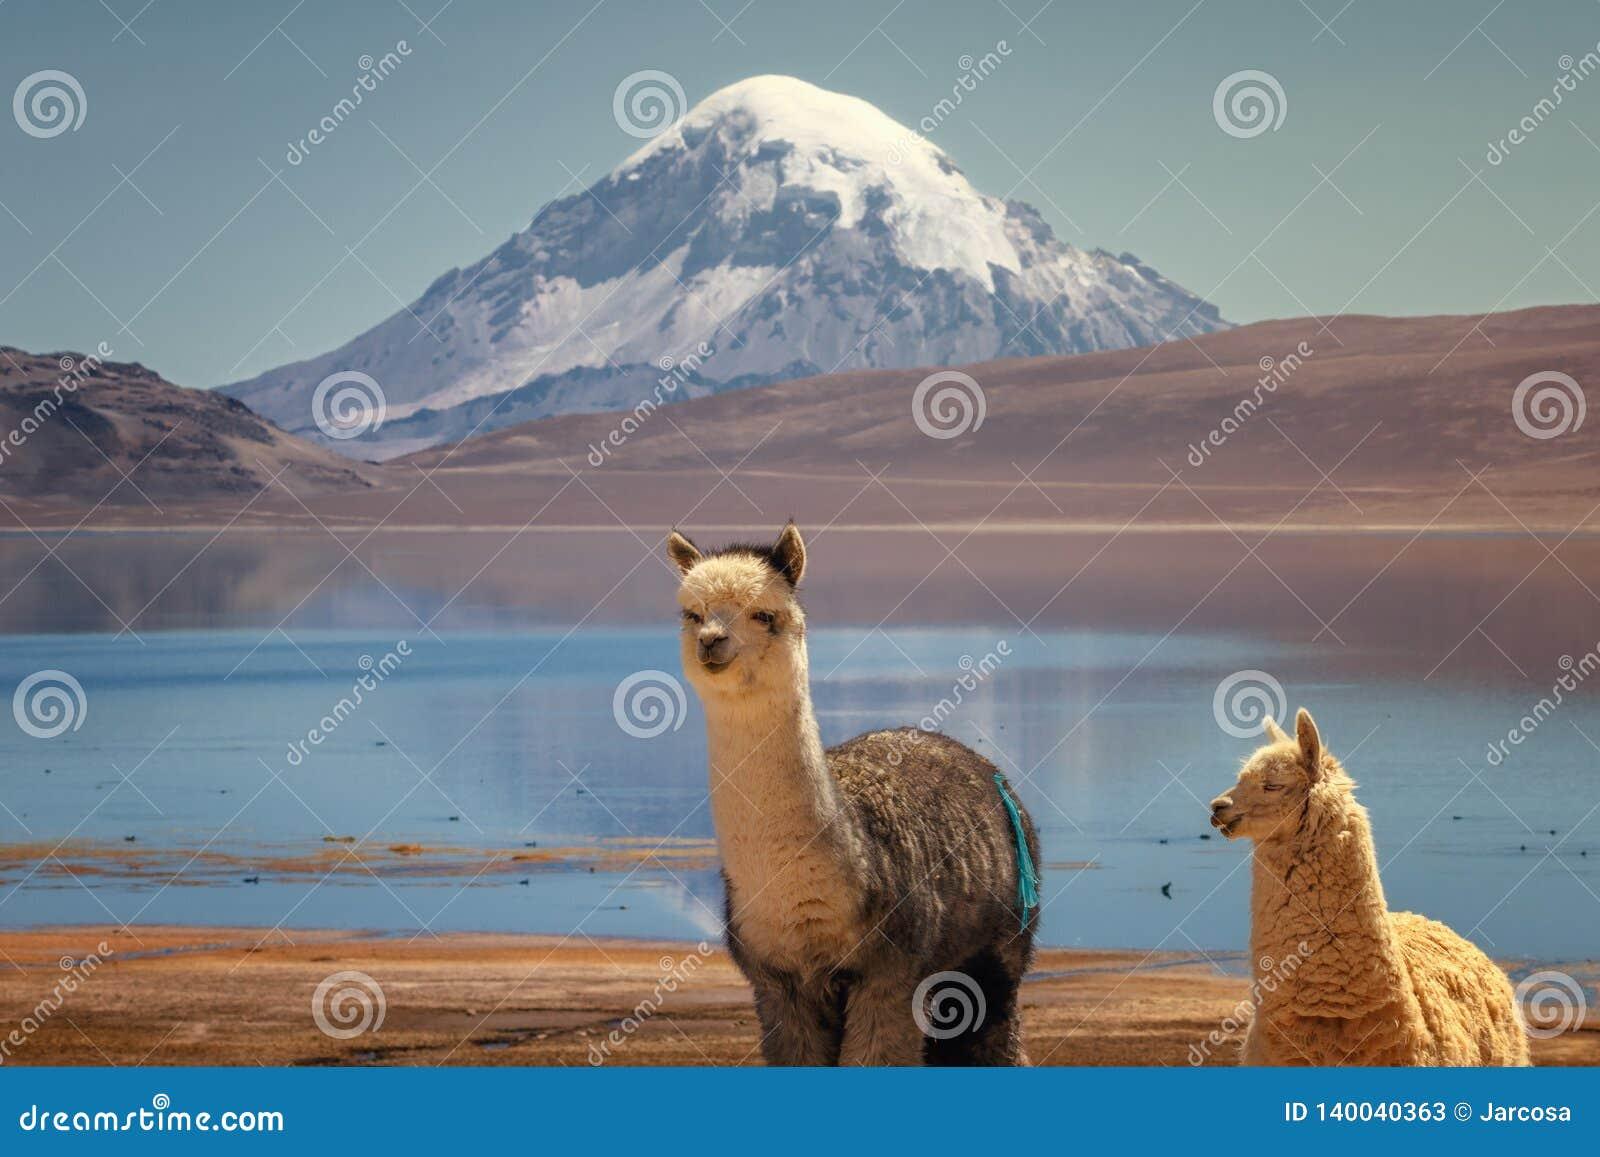 Pacos die van Vicugna van de alpaca op de kust van Meer Chungara bij de basis van Sajama vulkaan, in noordelijk Chili weiden